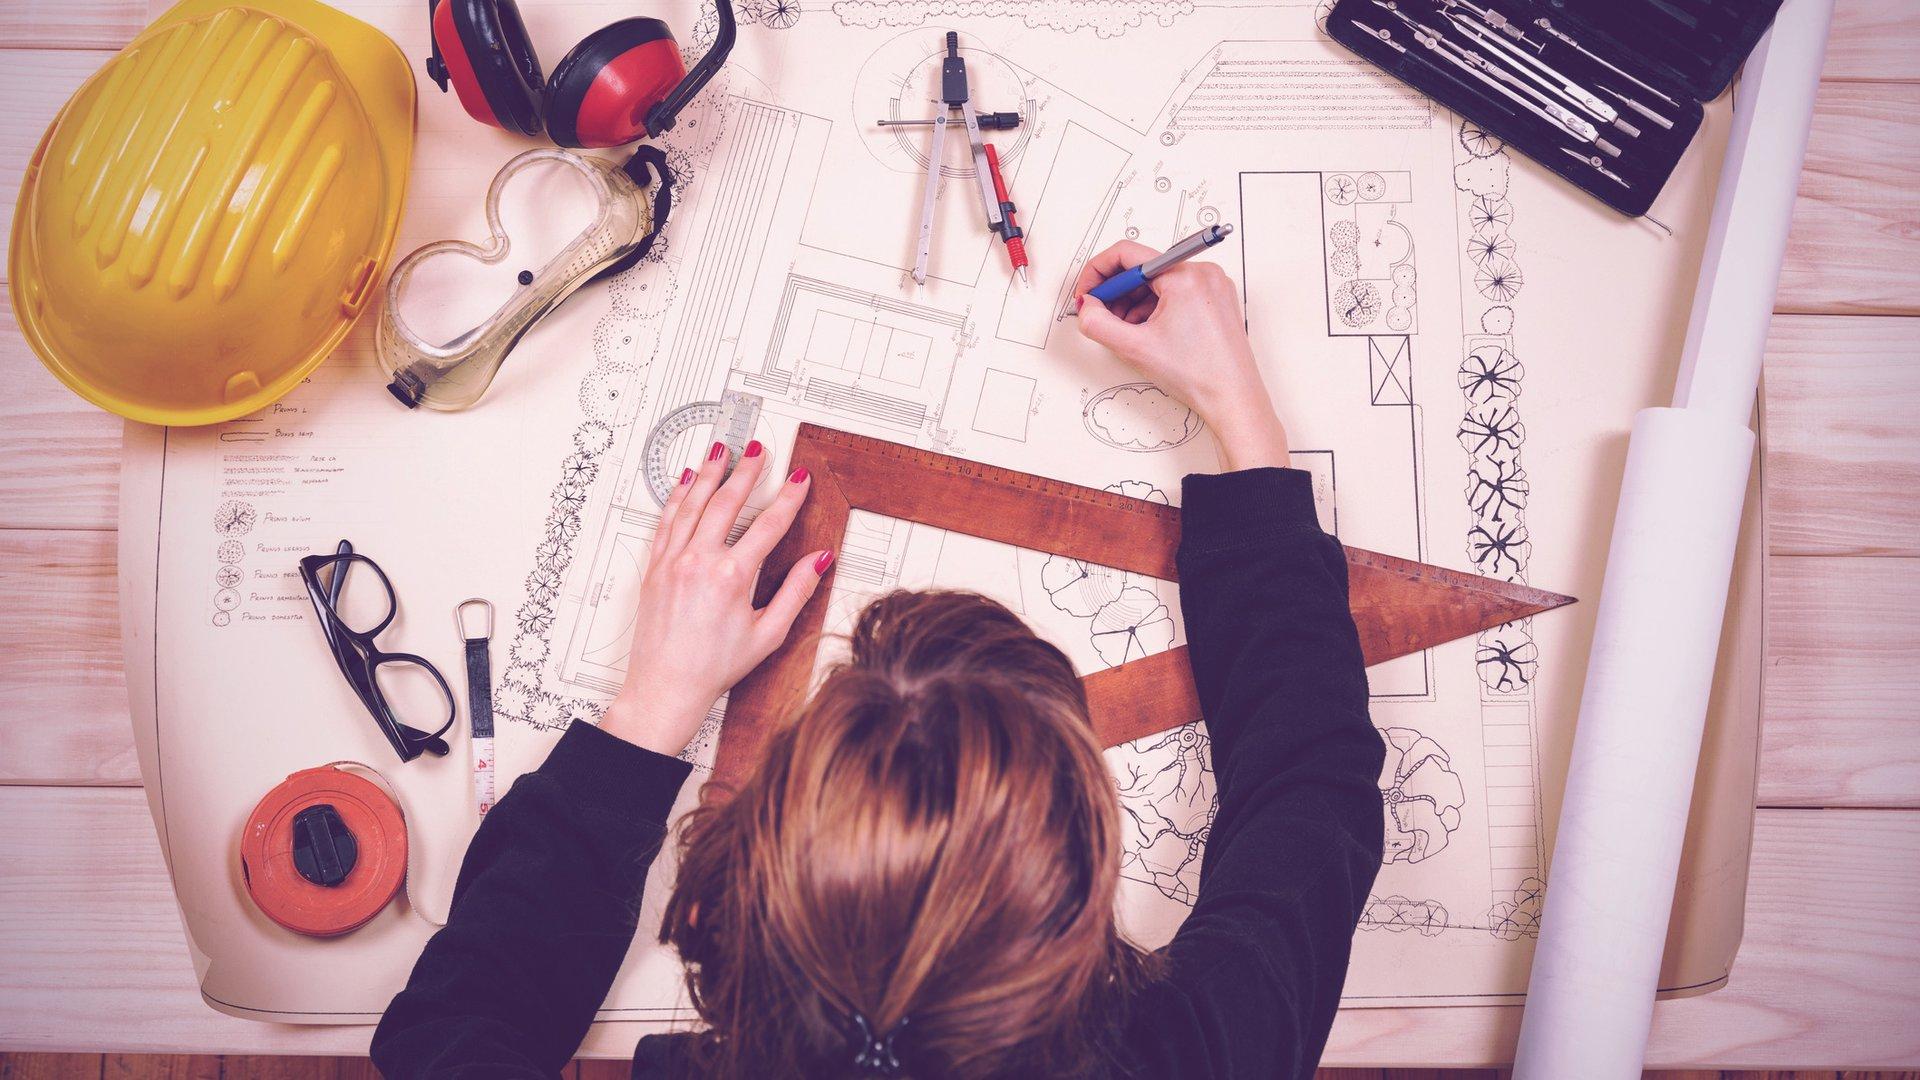 Studium zum Architekten Das erwartet dich